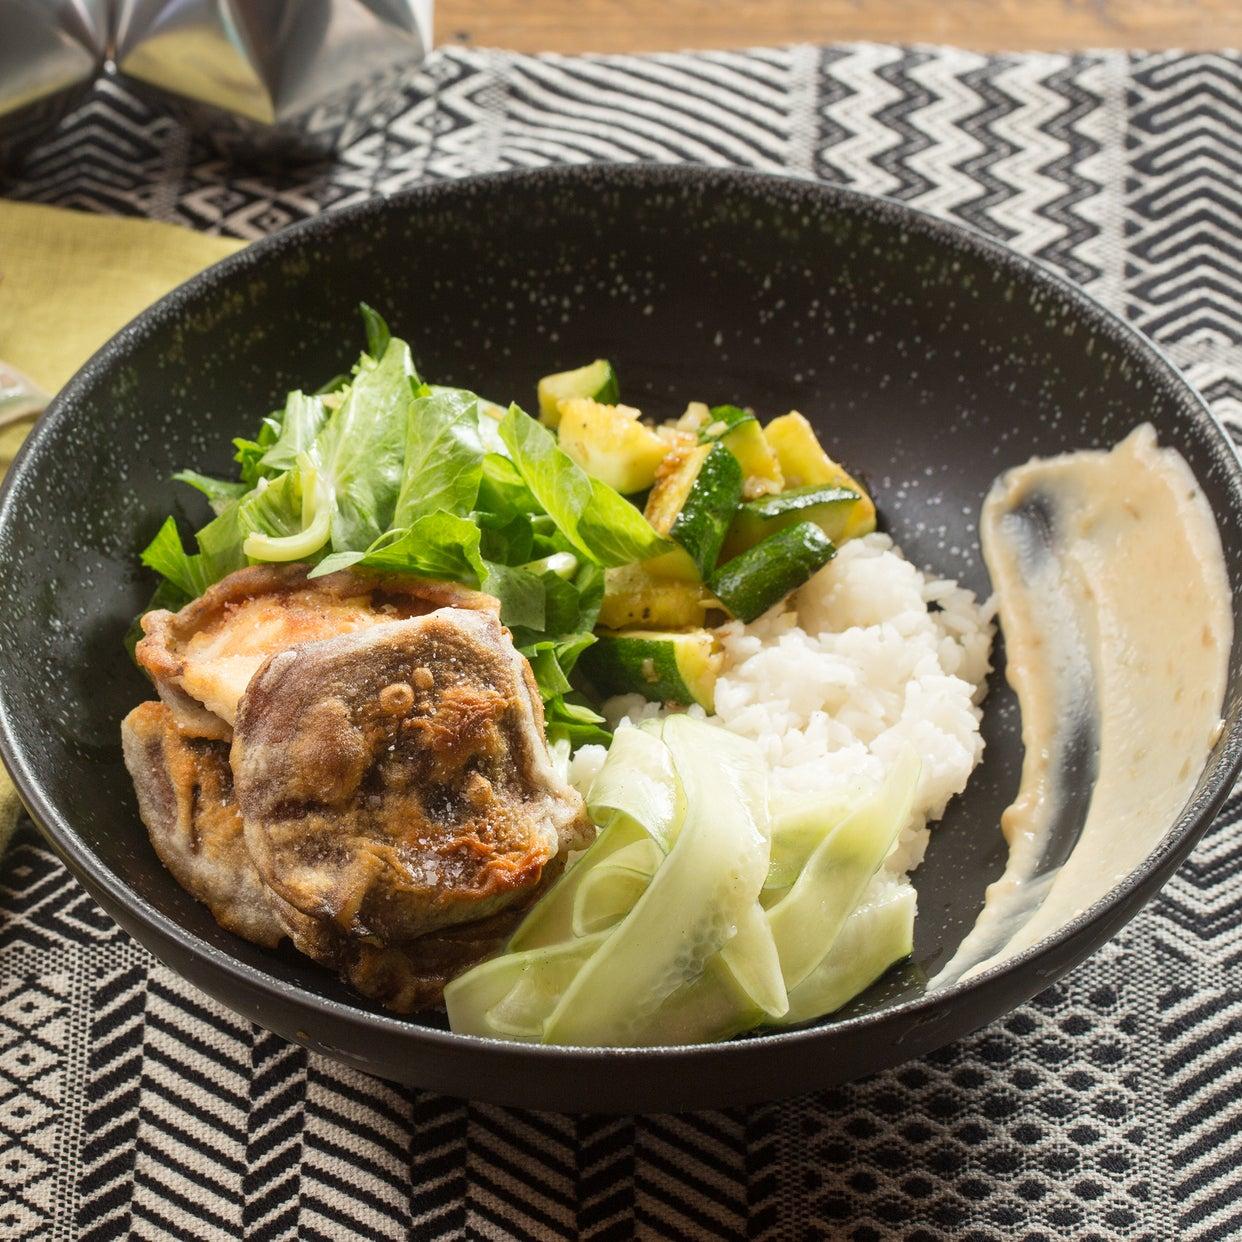 Japanese Rice Bowl & Mushroom Tempura with Zucchini & Marinated Cucumber